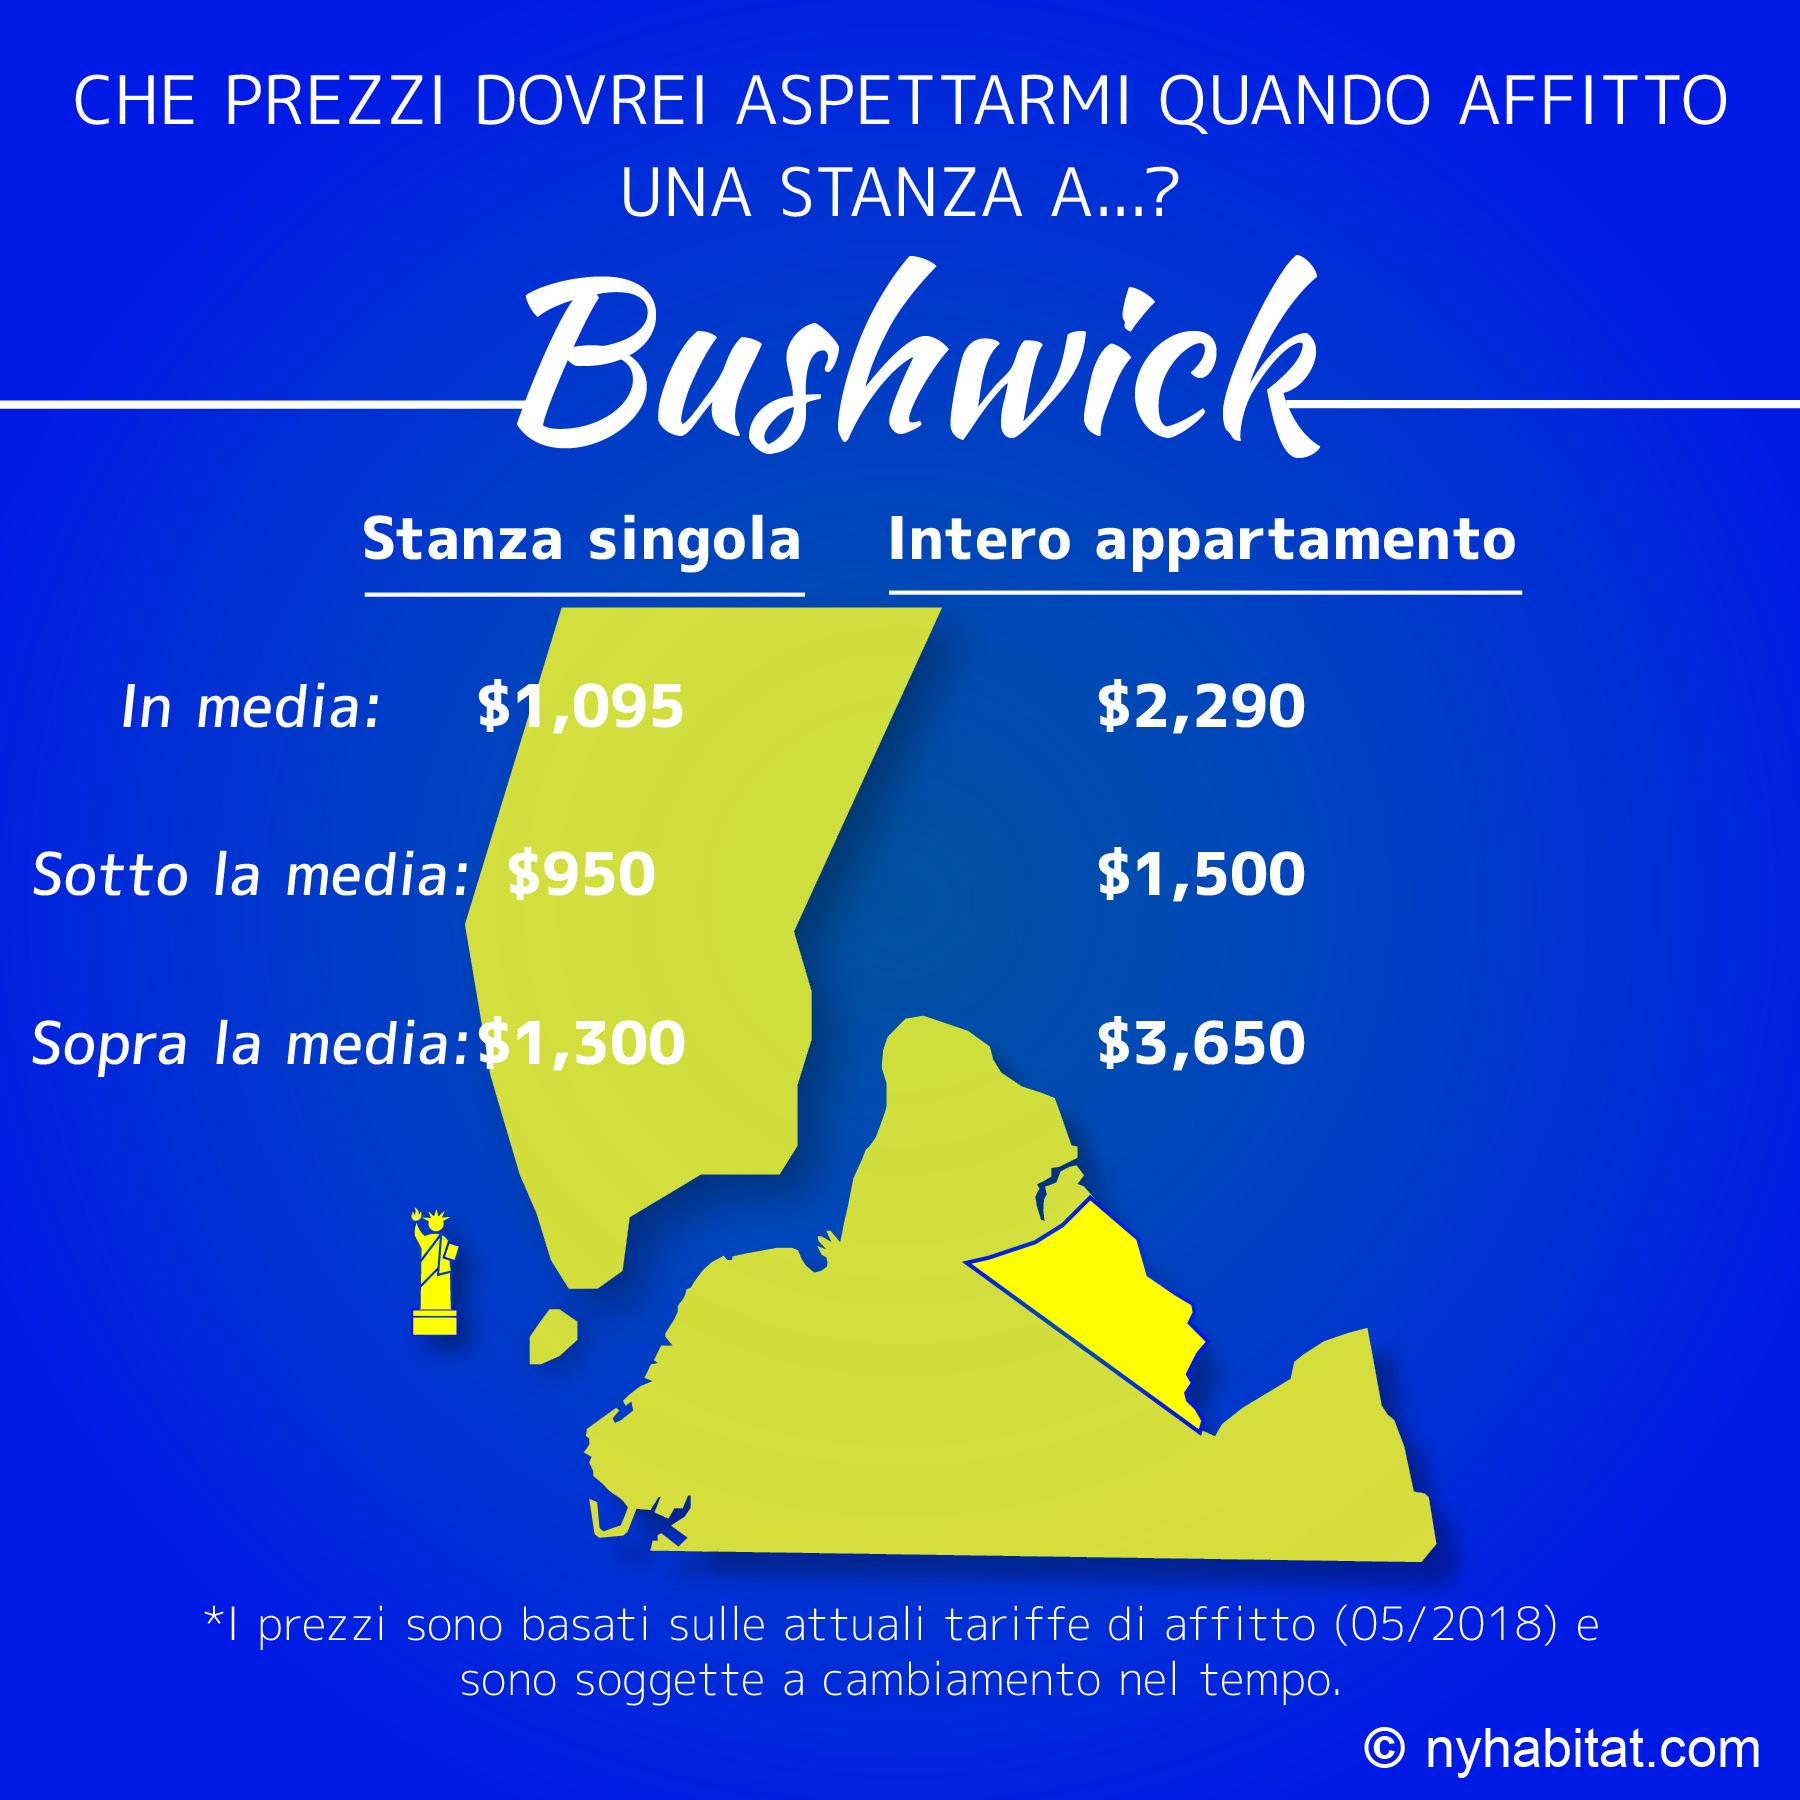 Grafico per confrontare i prezzi di stanze e di interi appartamenti a Bushwick Brooklyn